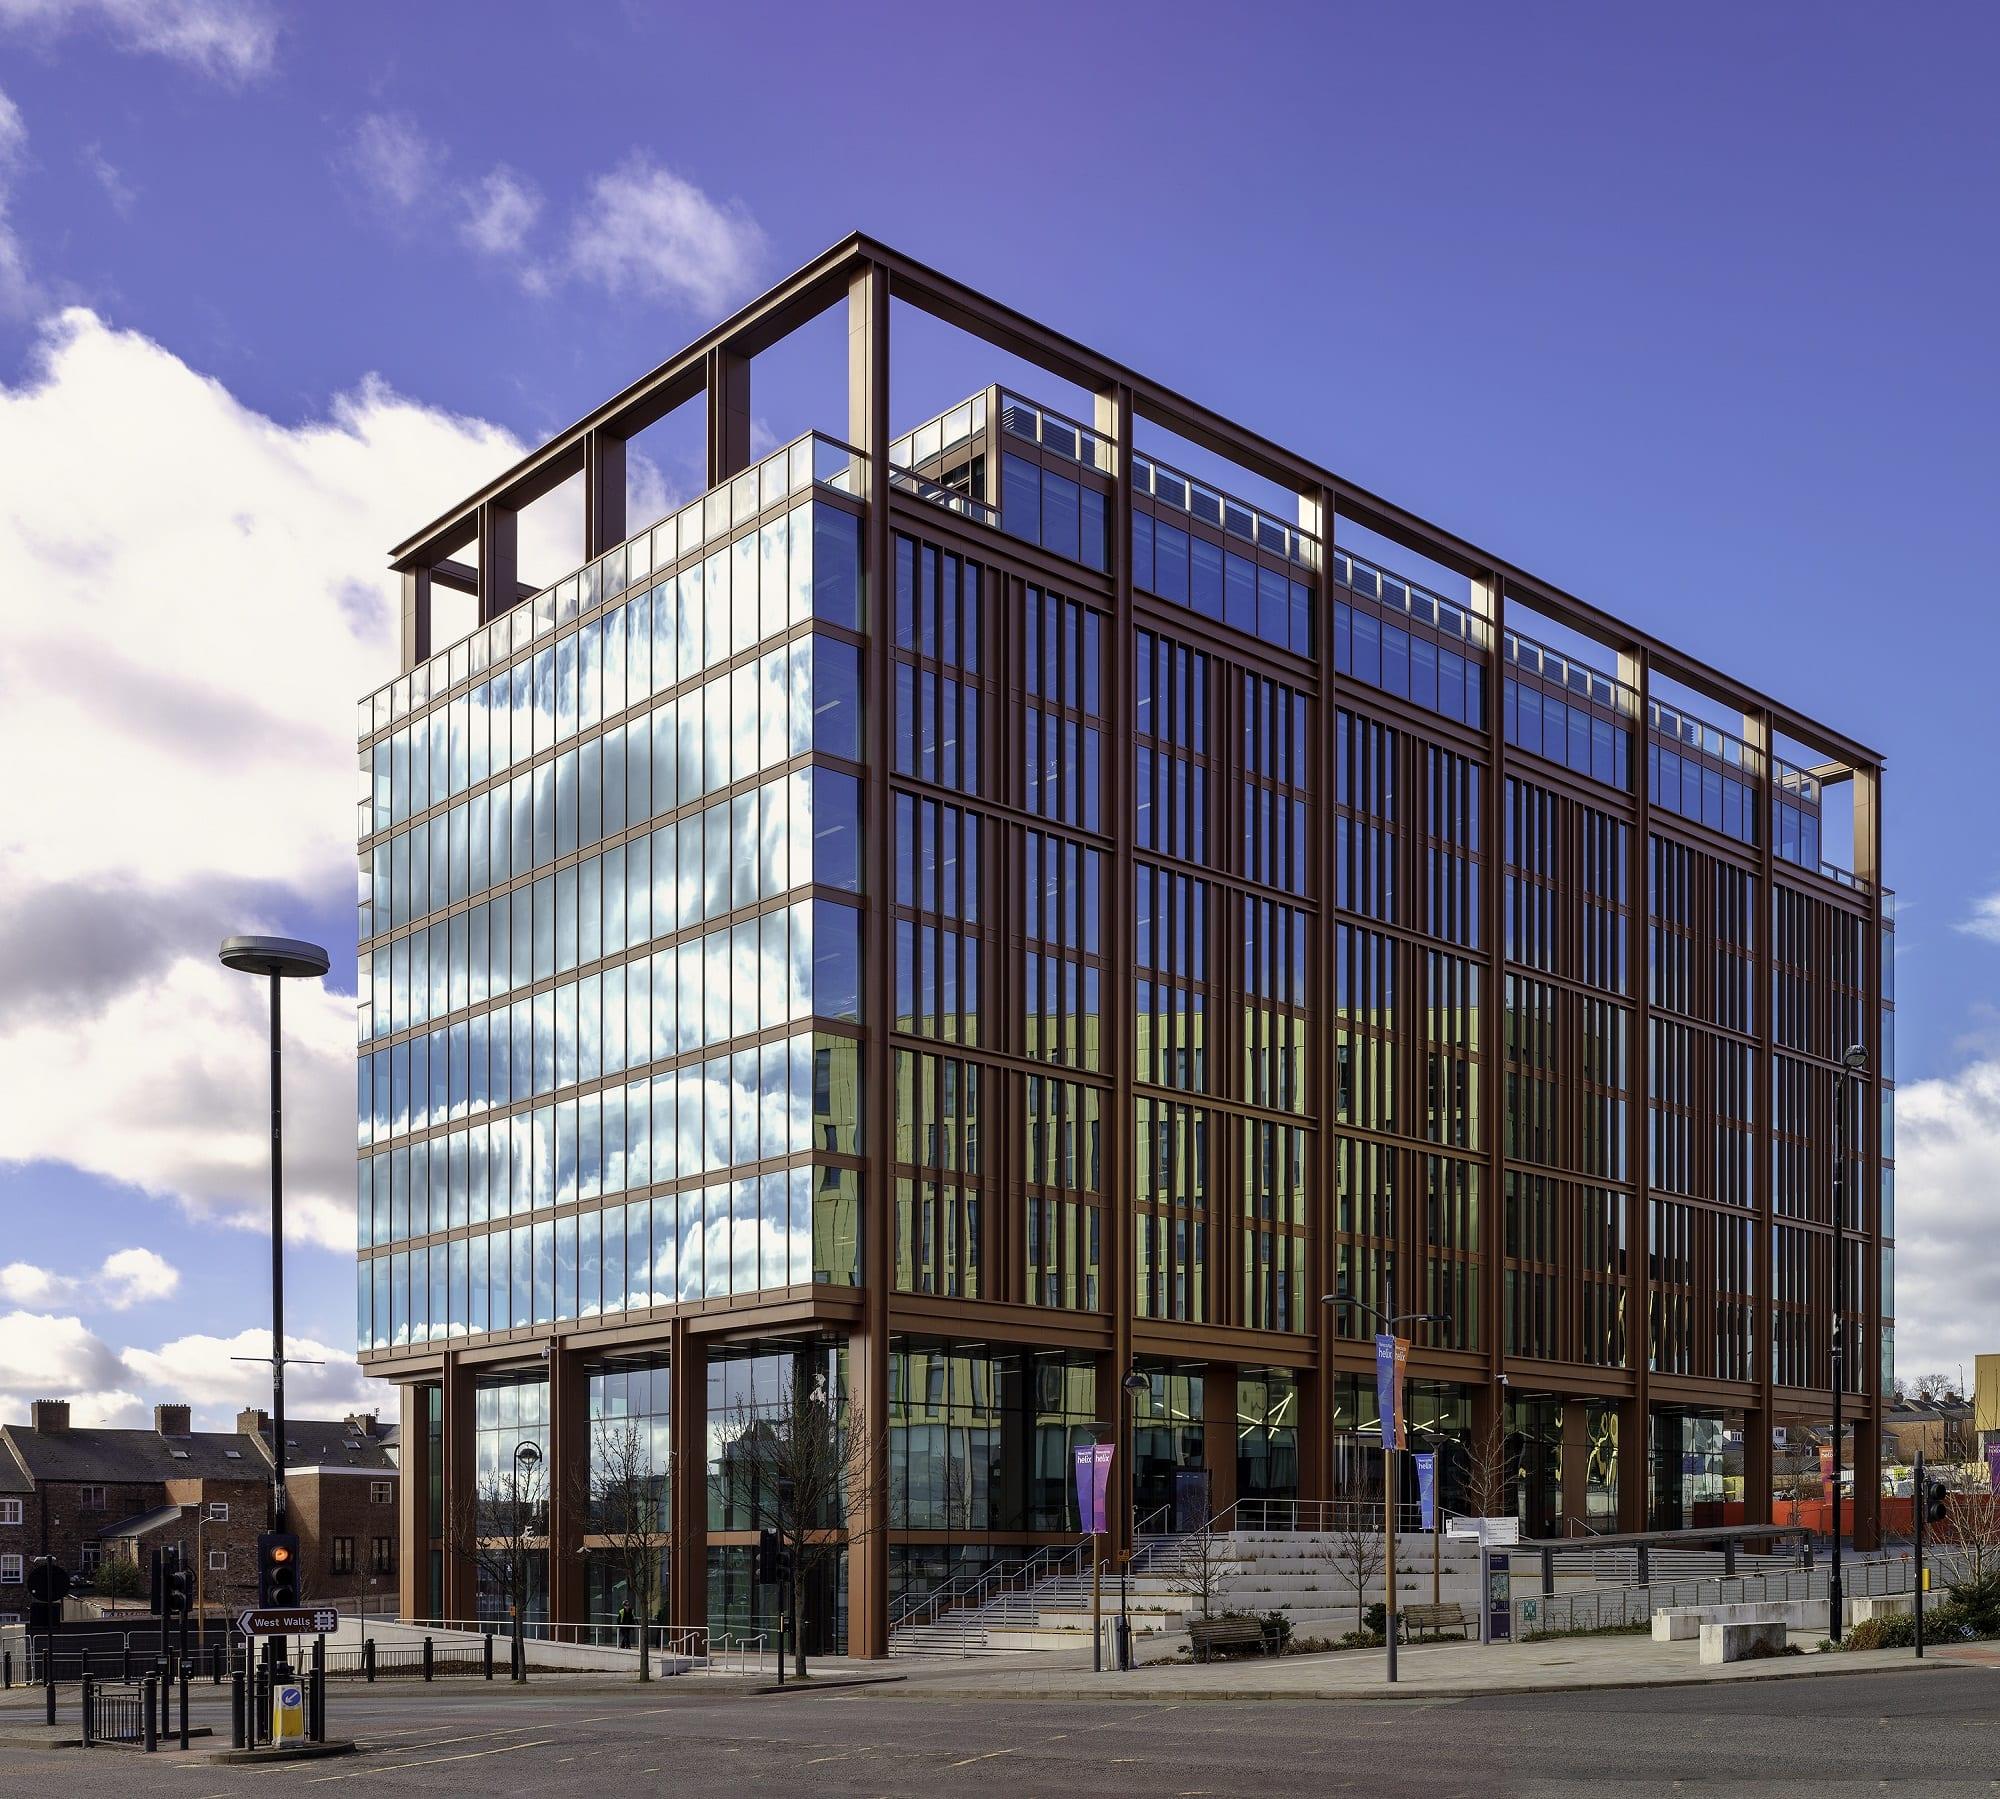 The Lumen Building exterior